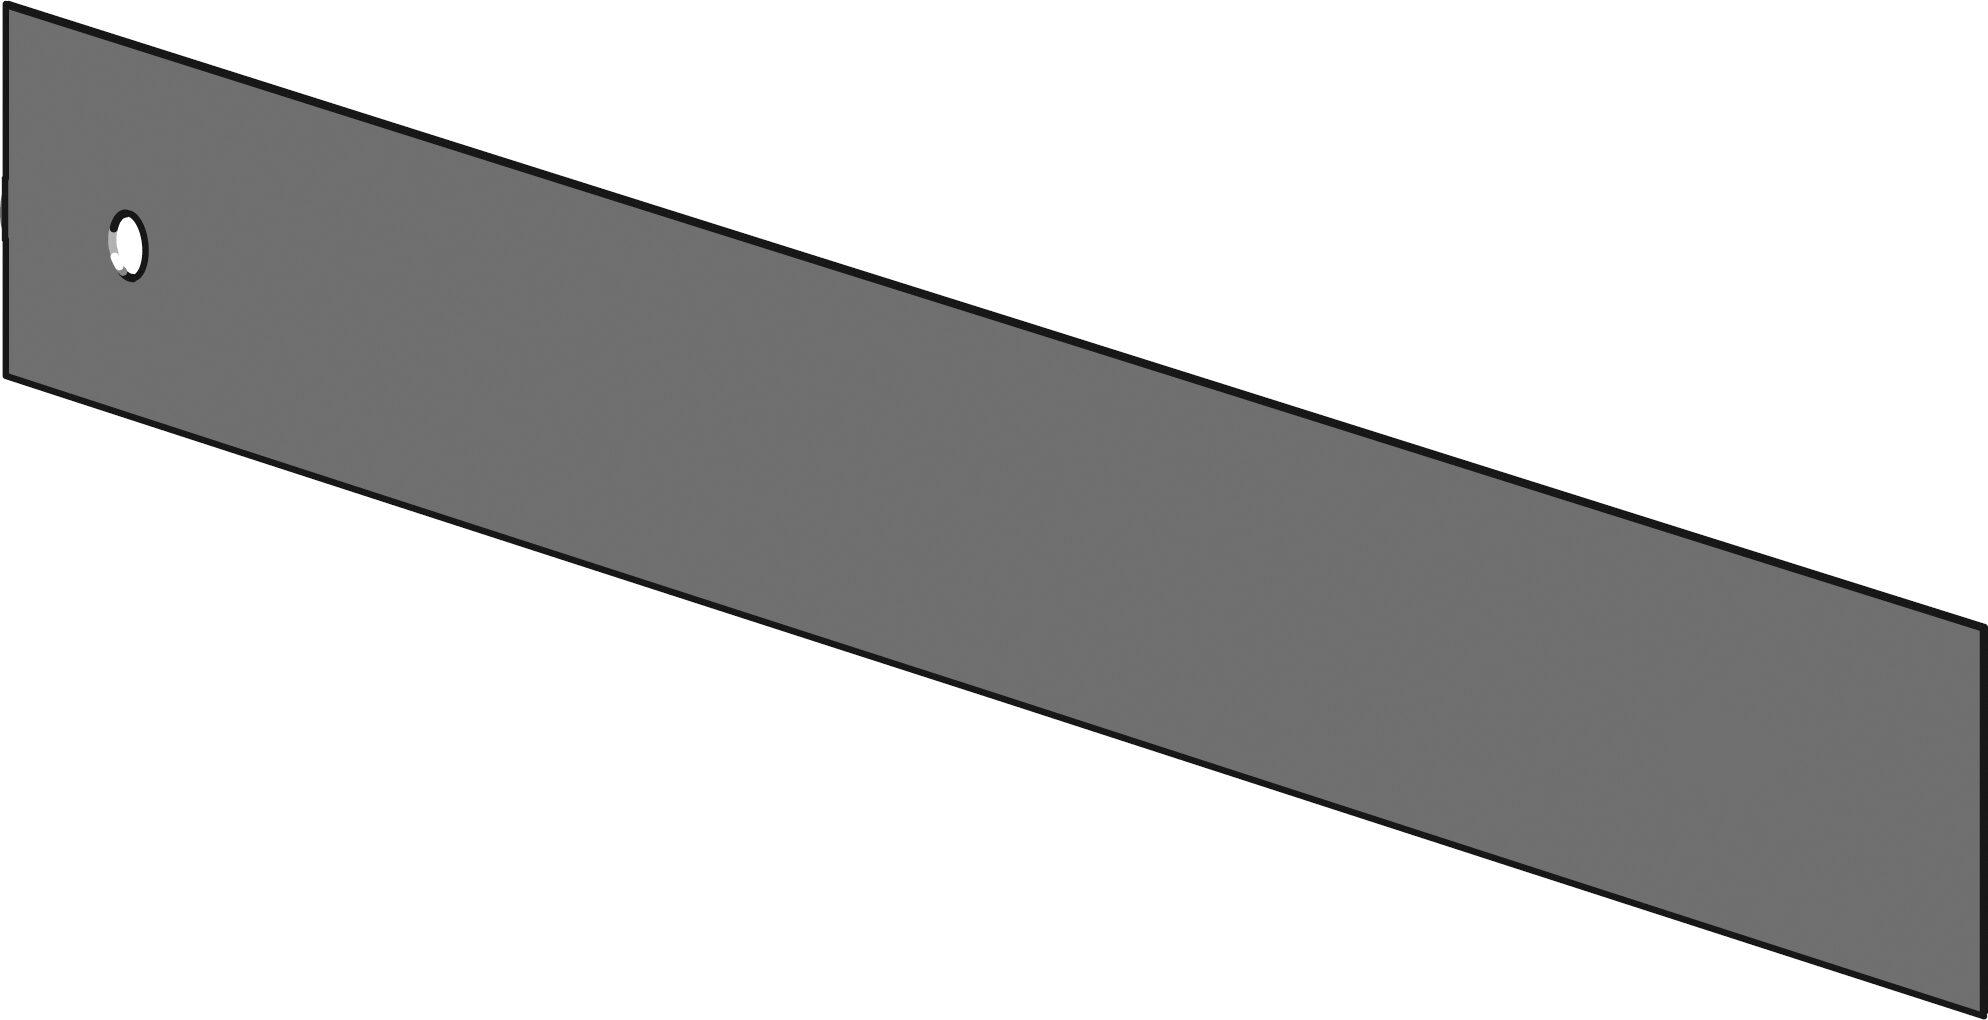 HAZET Trennbleche 161T-347X60/5 ∙ Anzahl Werkzeuge: 5